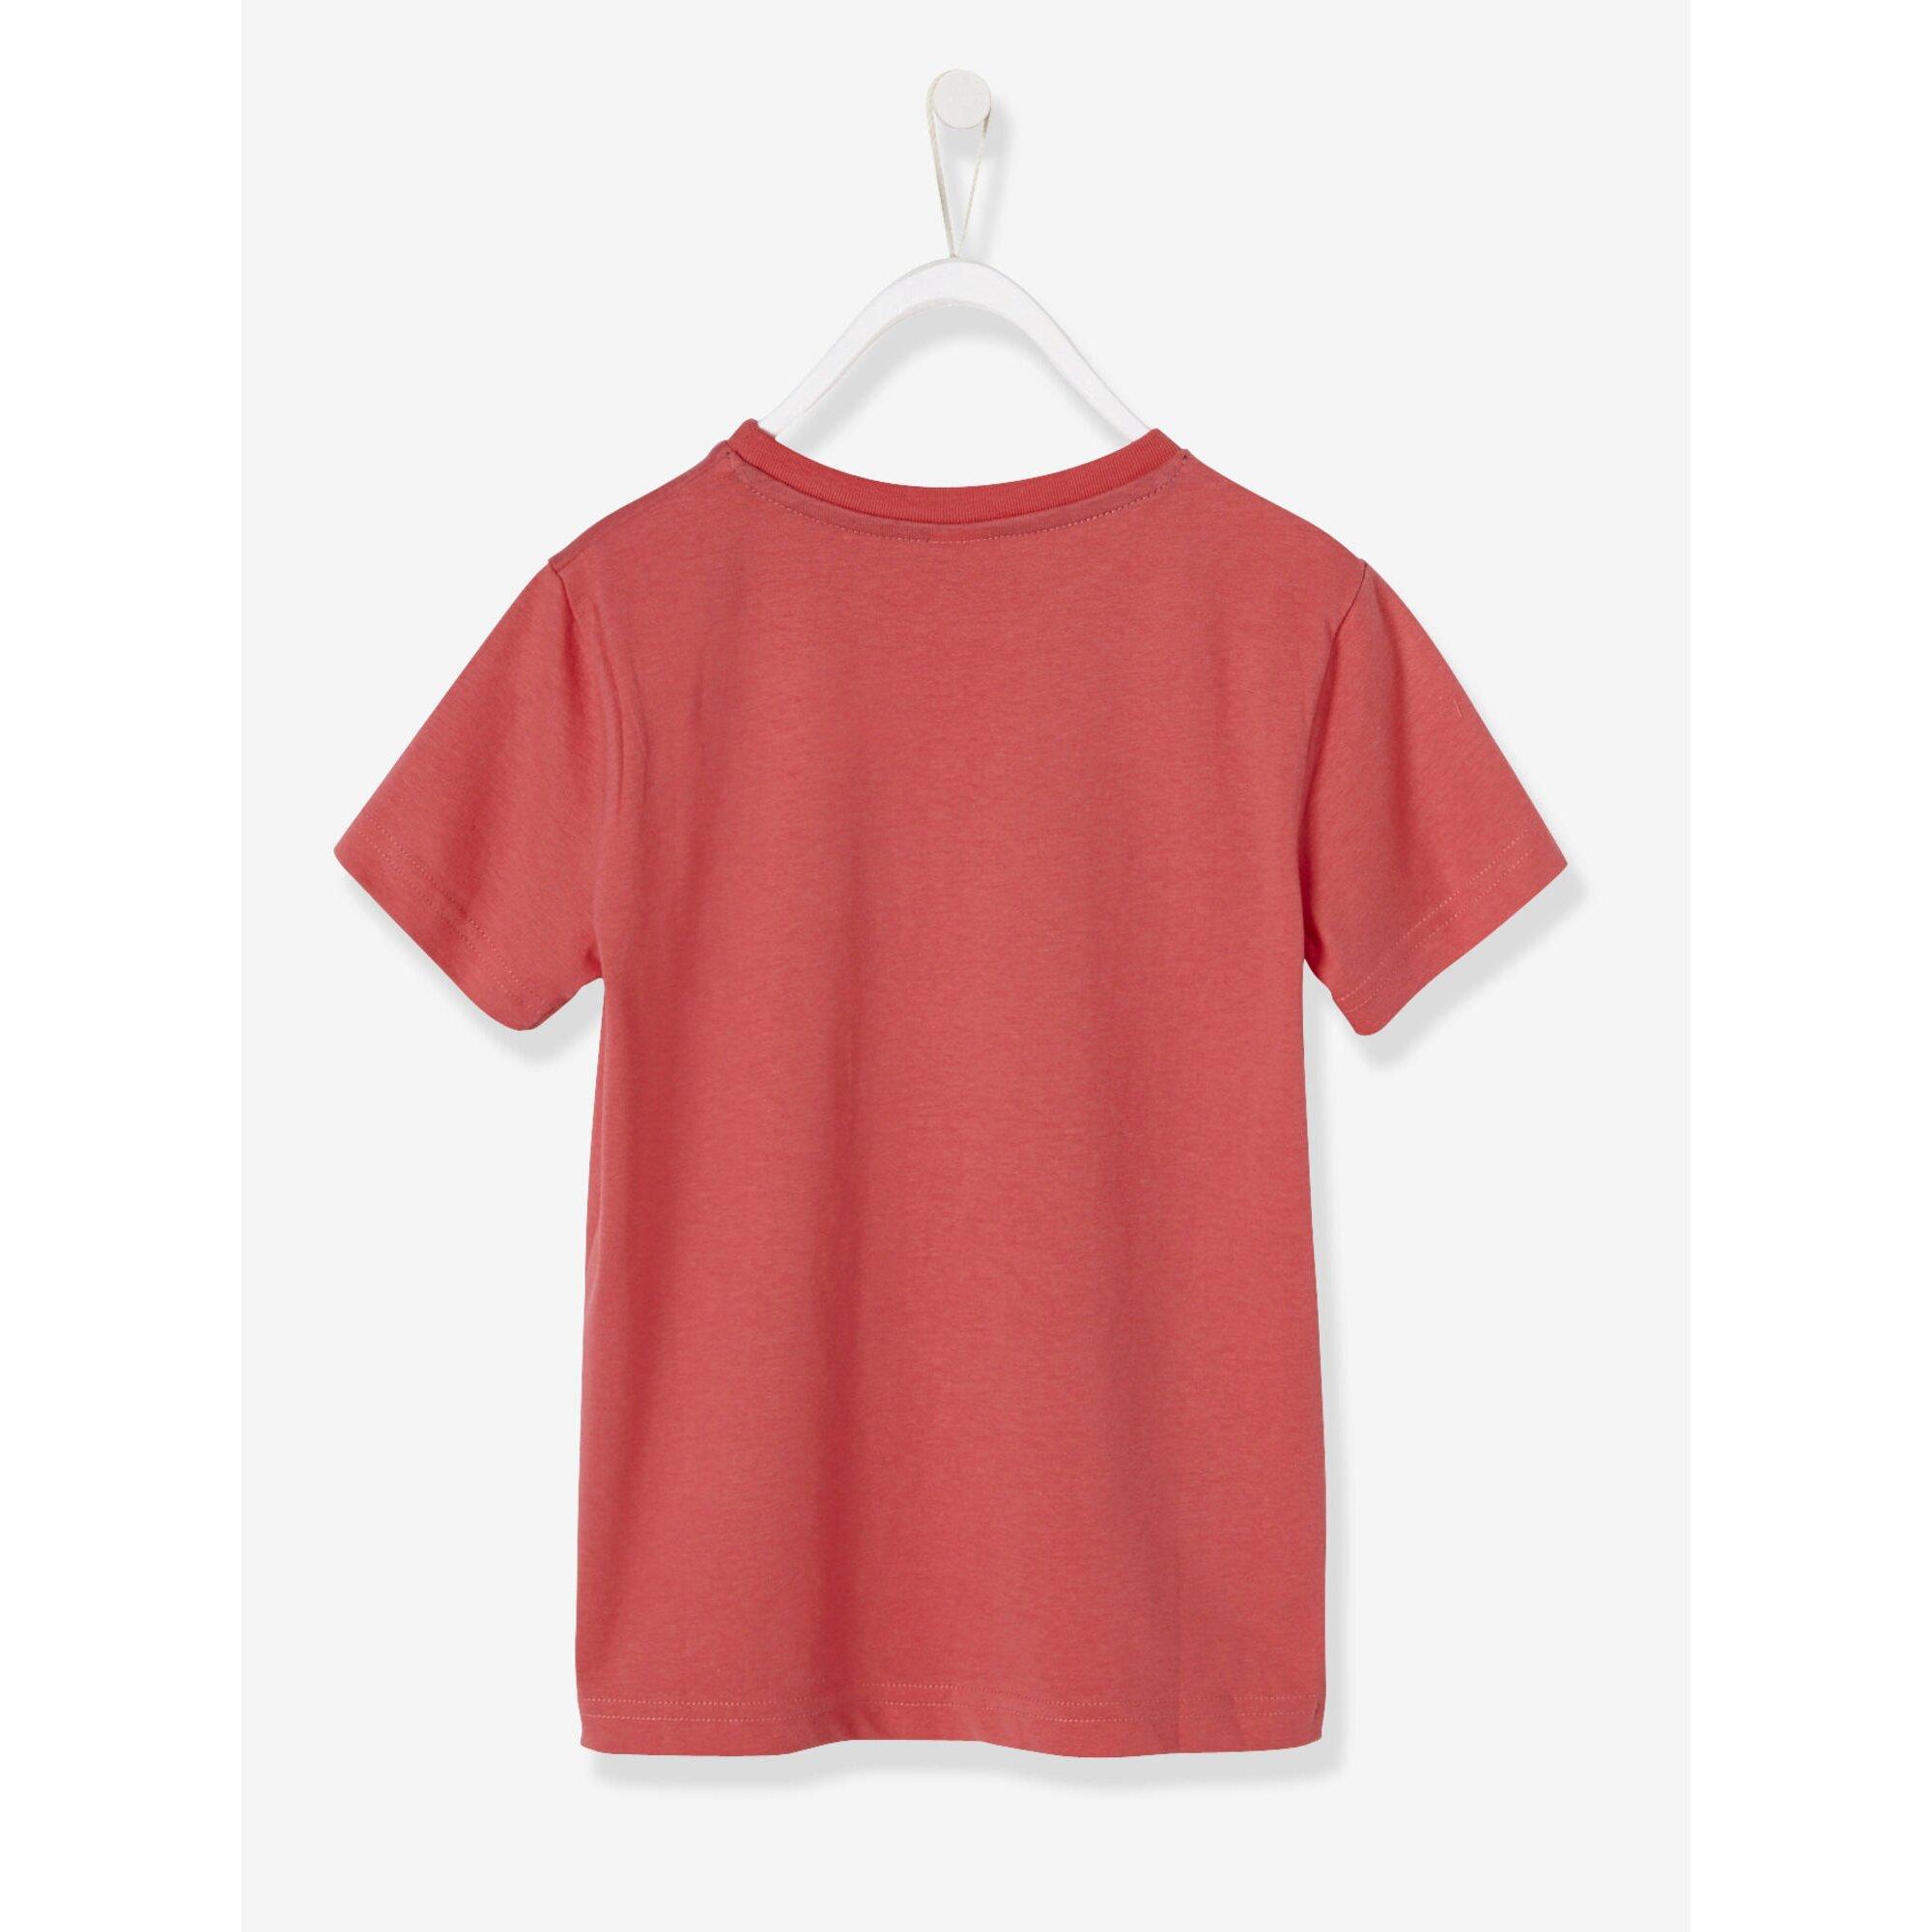 vertbaudet-t-shirt-fur-jungen-streifen-oder-print, 6.99 EUR @ babywalz-de